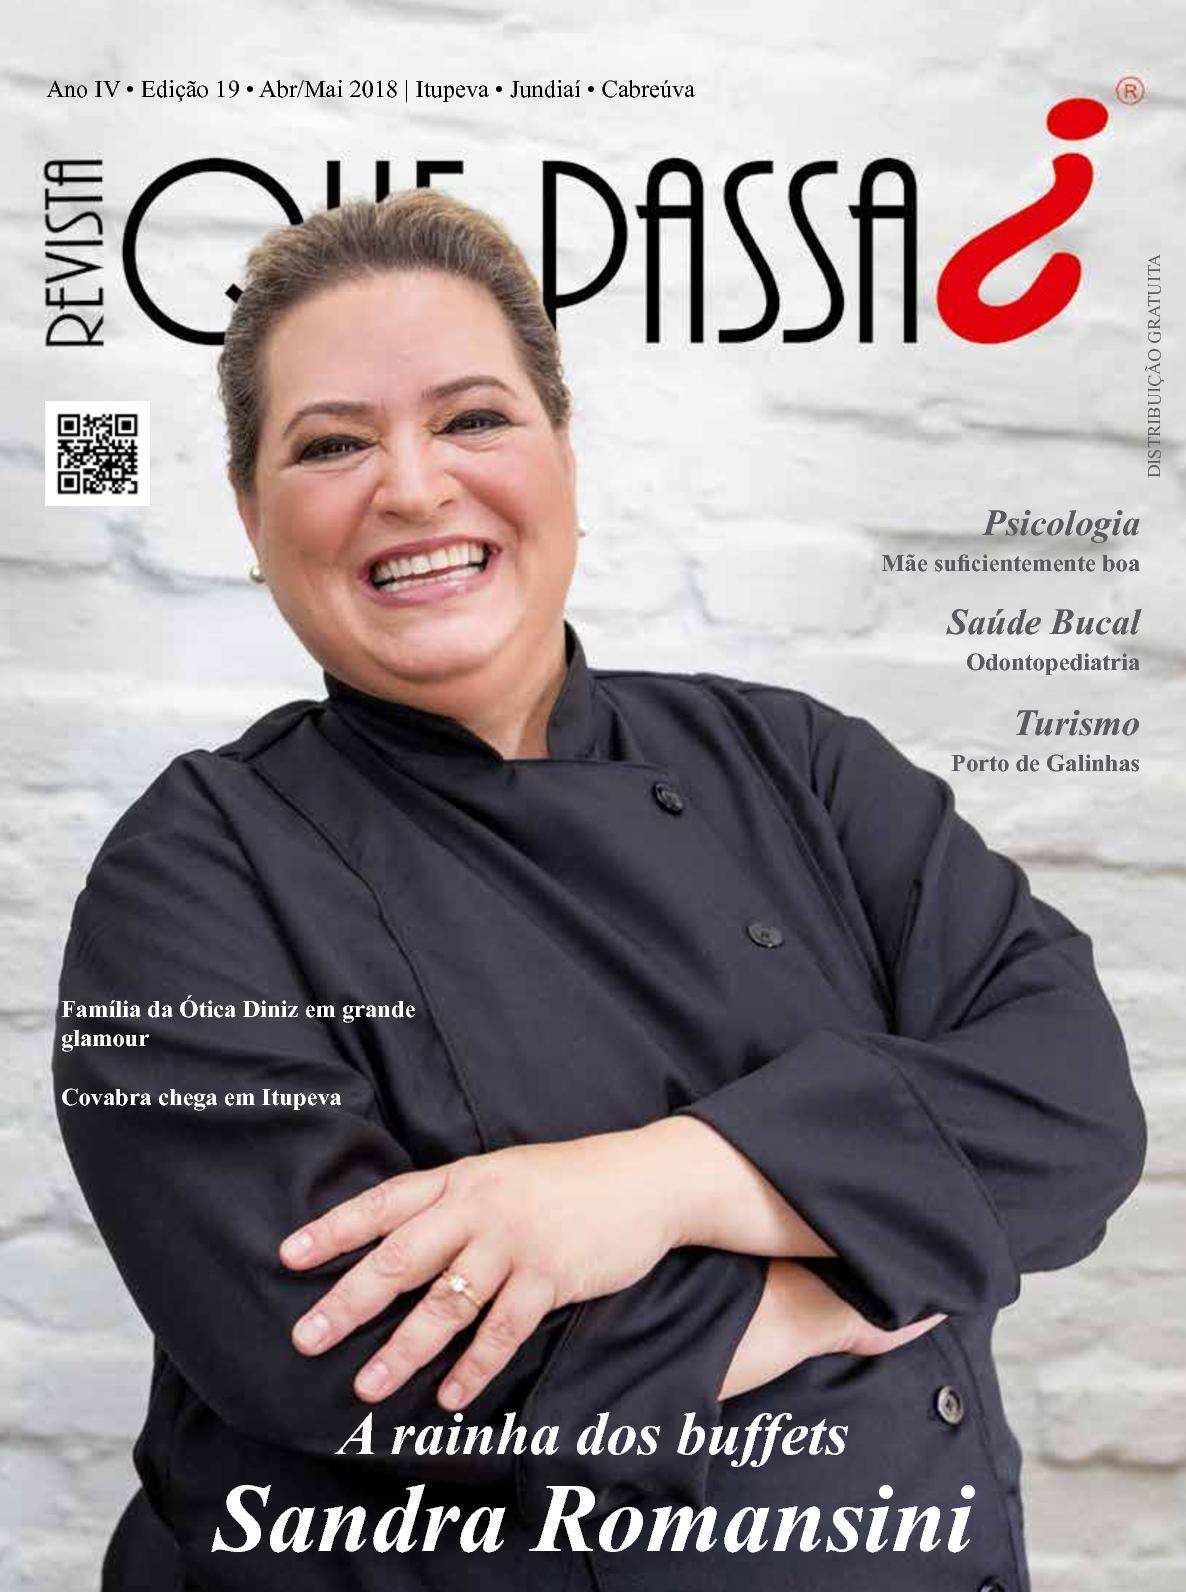 ba57aee76505e Calaméo - Revista Que Passa Ed19